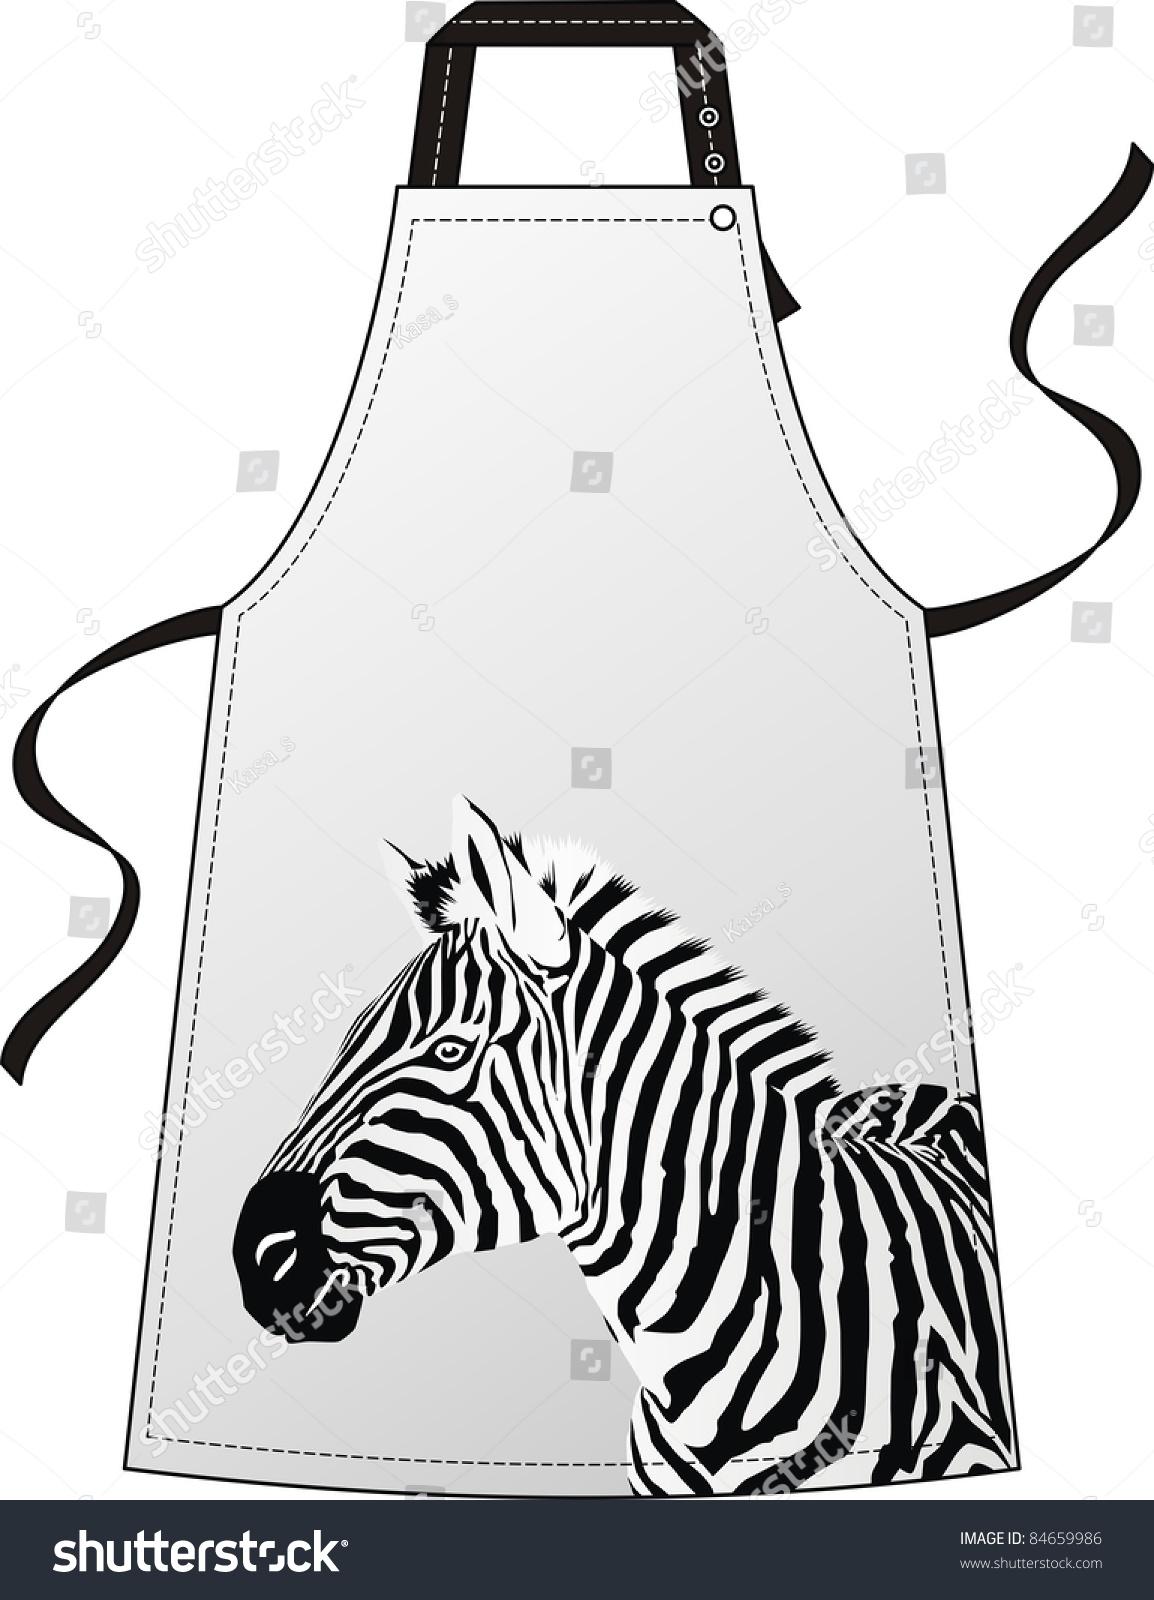 围裙和一头斑马的形象-美容/时装服饰,动物/野生生物